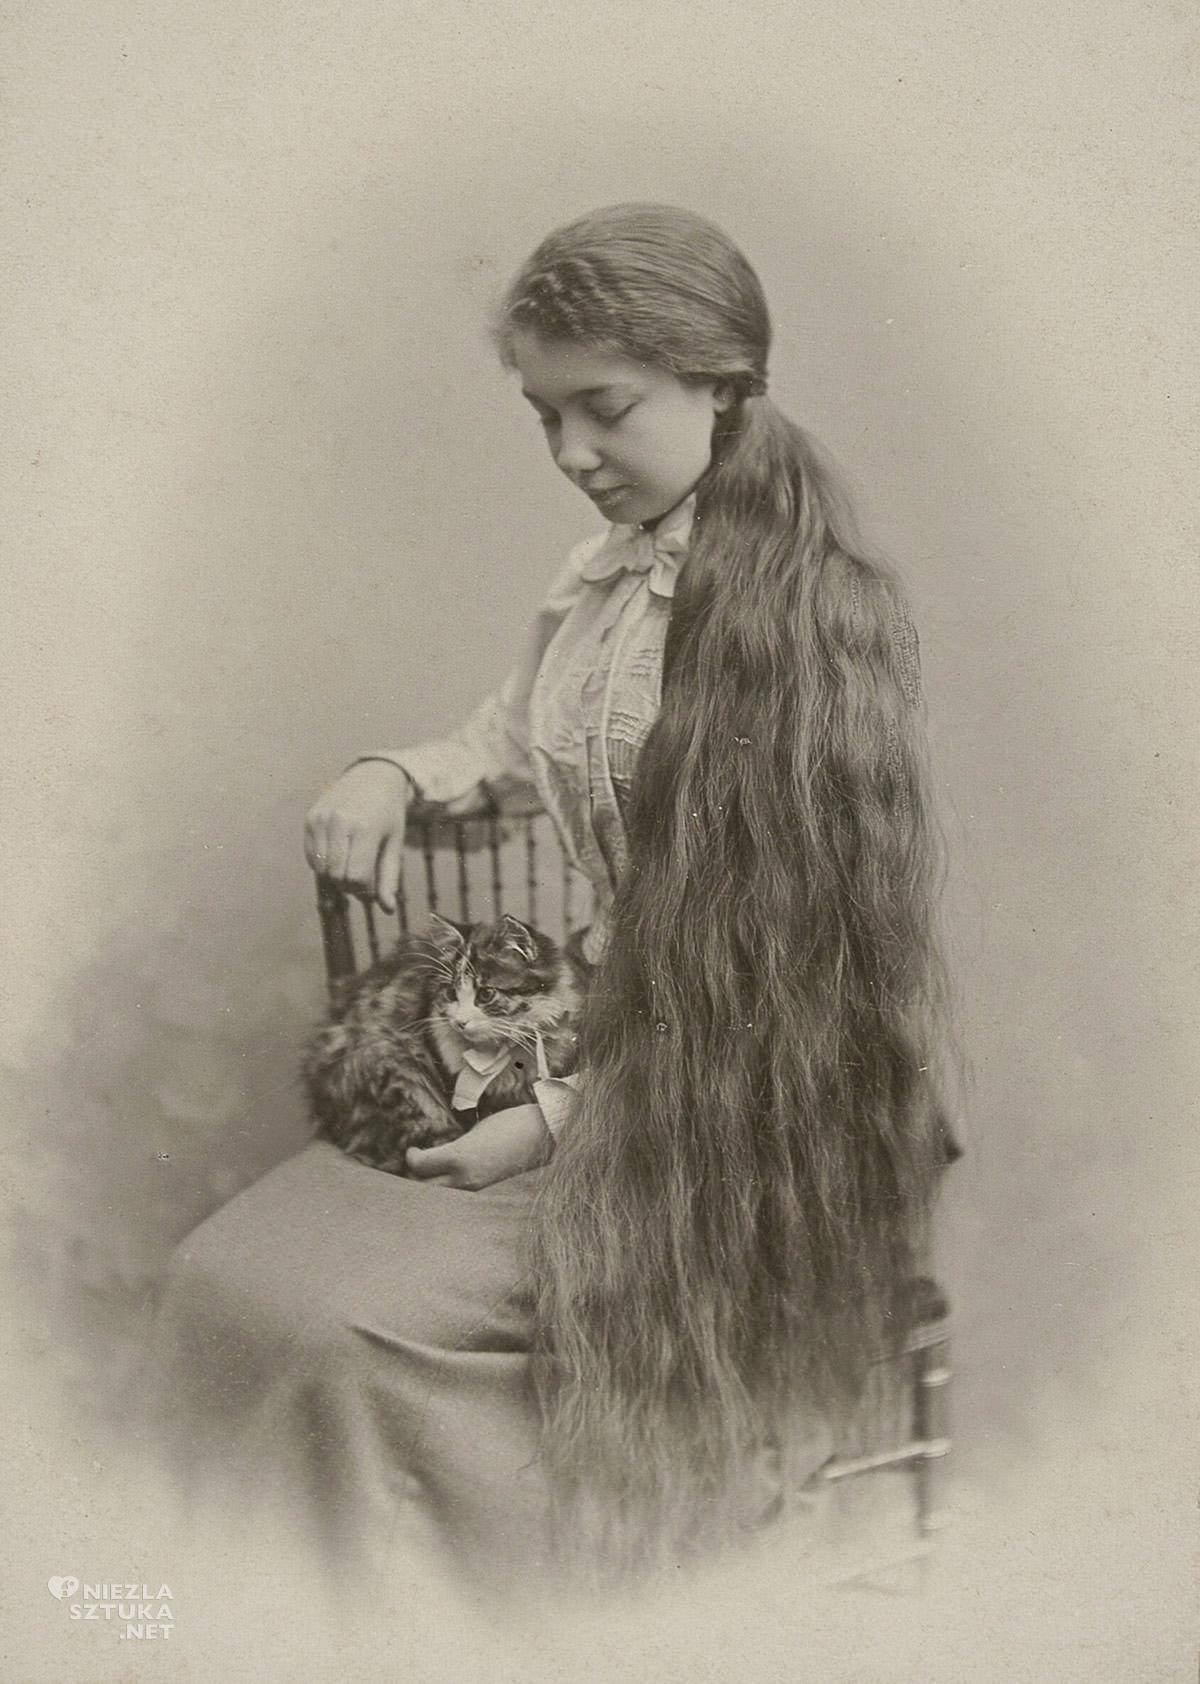 Michalina Krzyżanowska, Polona, Niezła sztuka